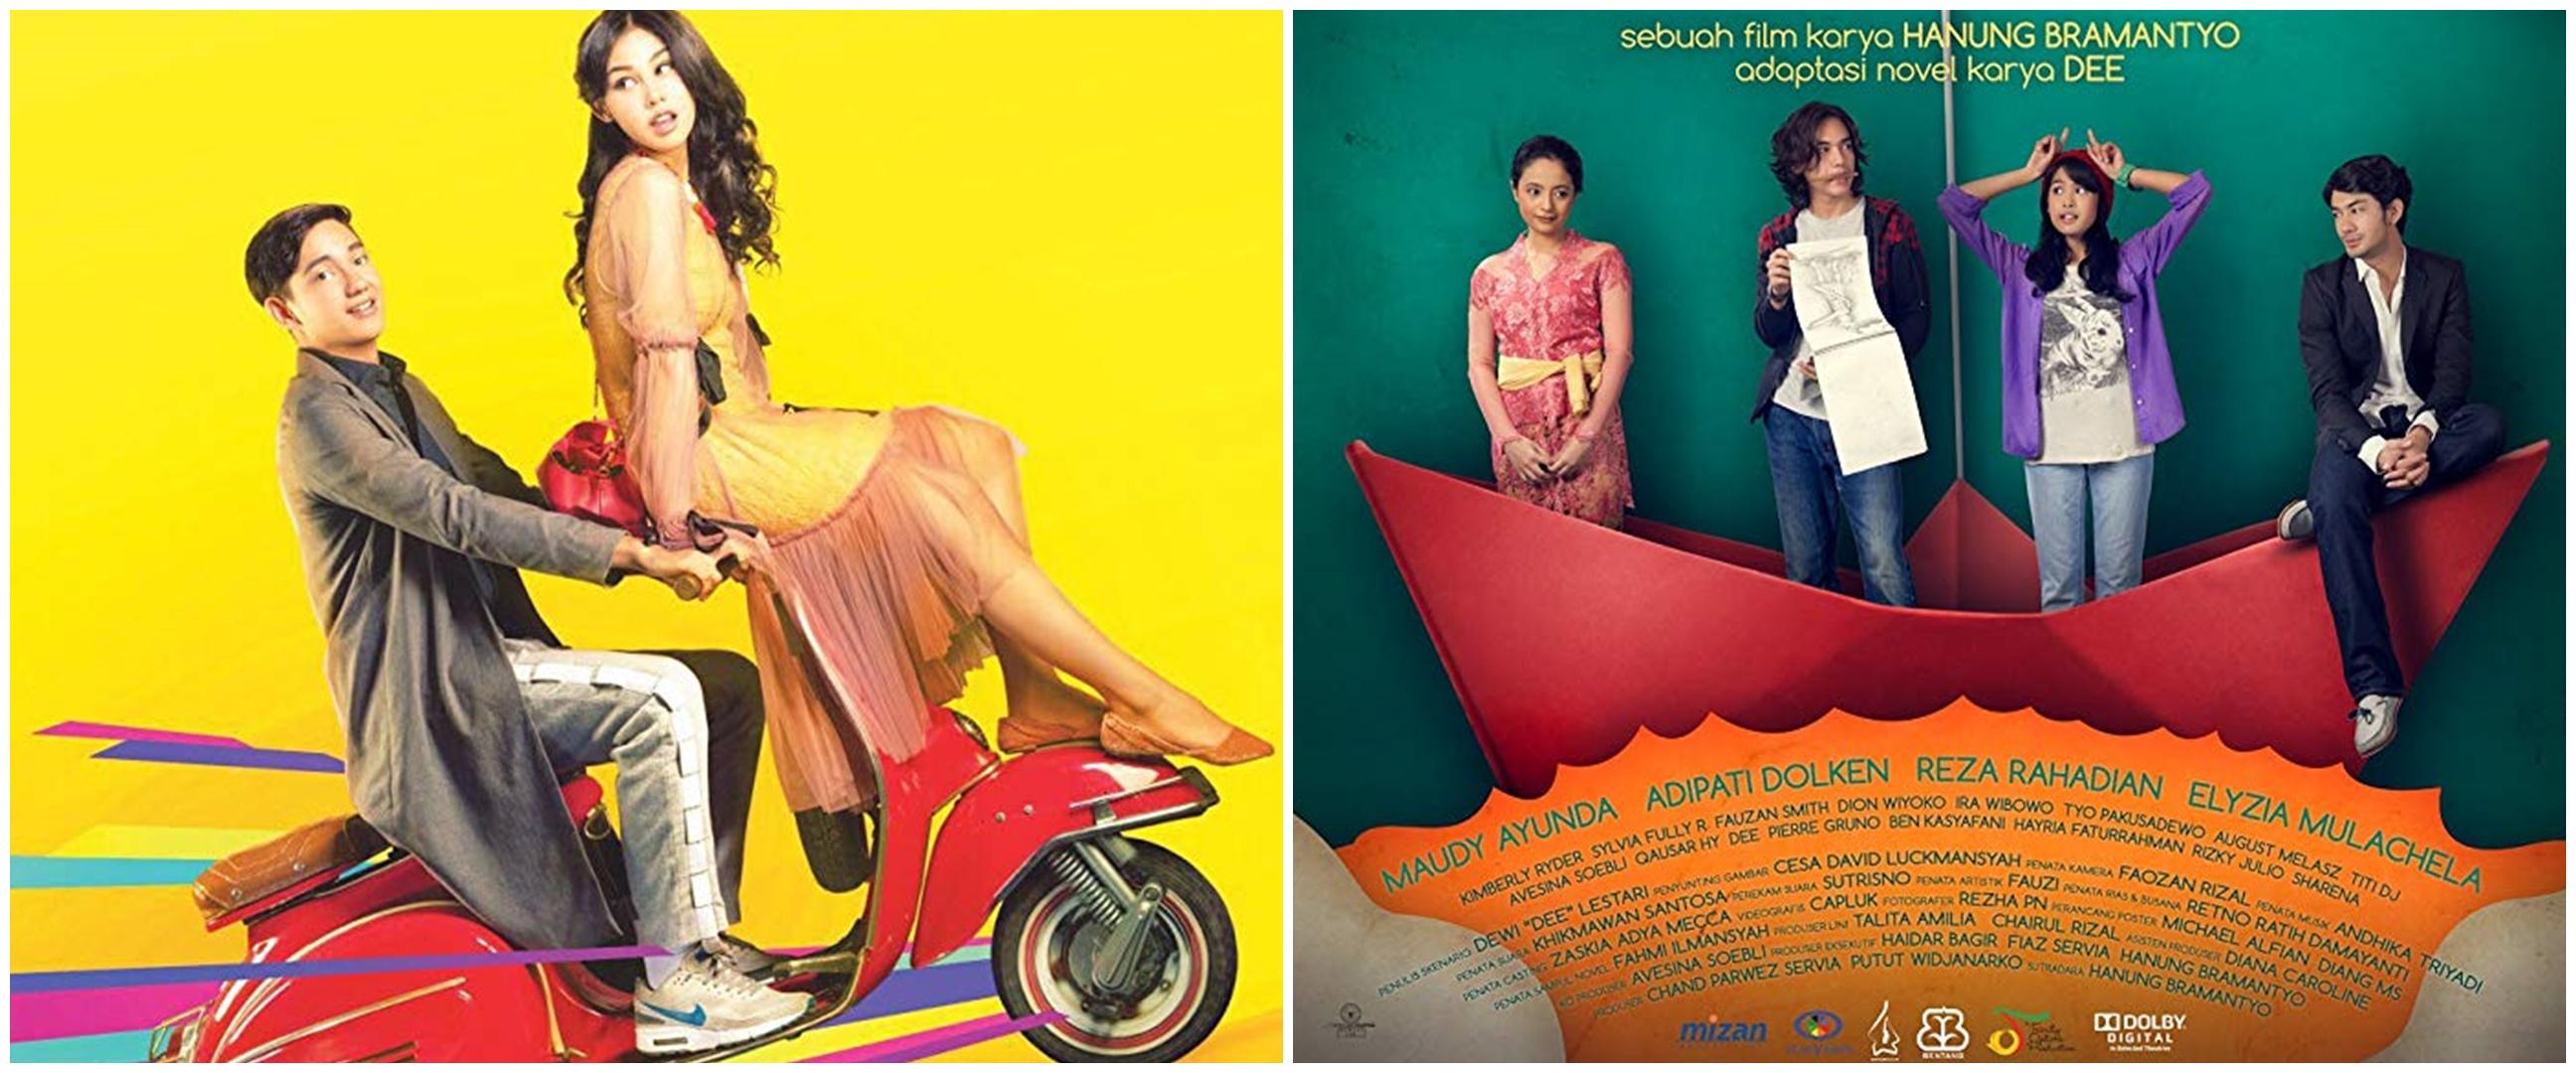 8 Film Indonesia terbaik dibintangi Adipati Dolken, terbaru TTM 2